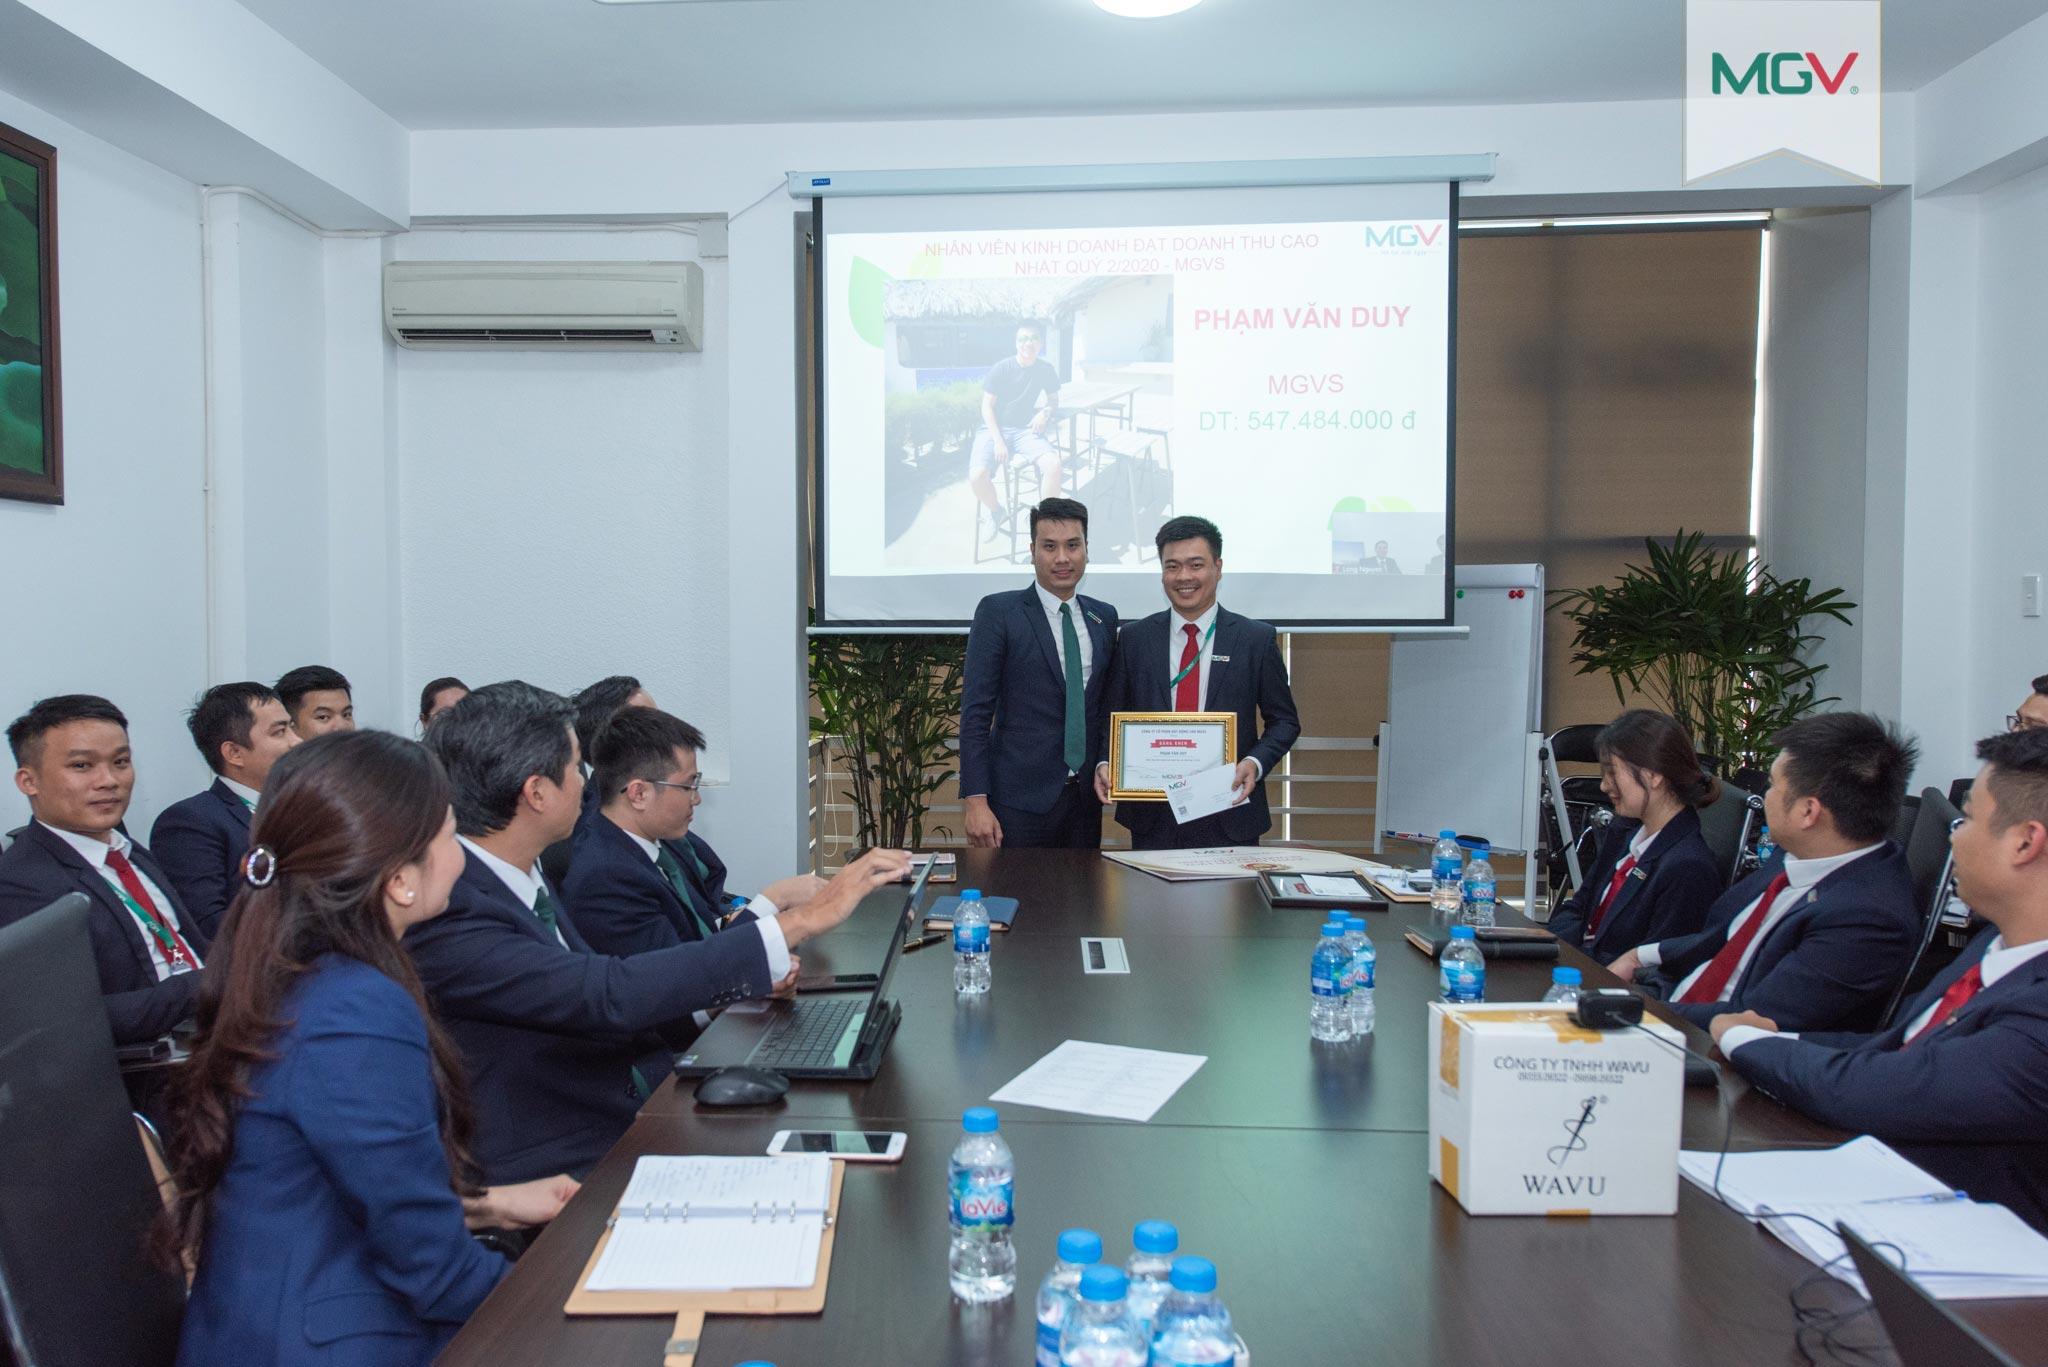 Nhân viên kinh doanh đạt doanh thu cao nhất Quý 2/2020 - anh Phạm Văn Duy (đơn vị MGV.S)